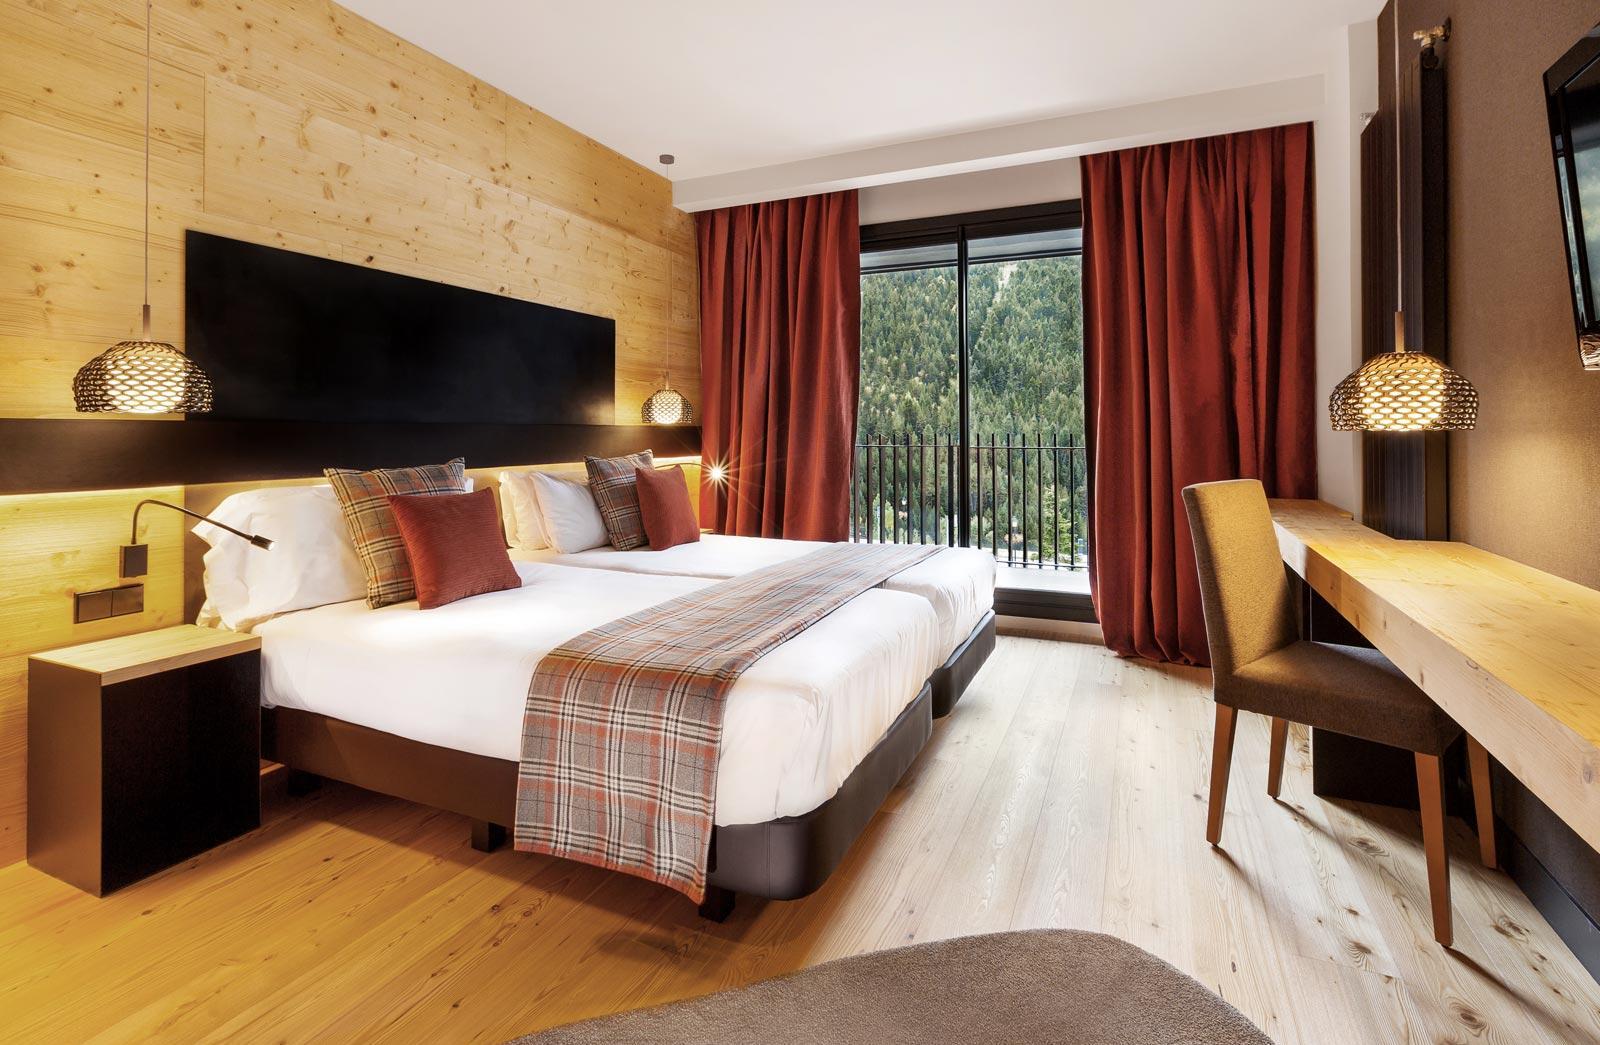 Спальня с рабочим кабинетом в стиле эко